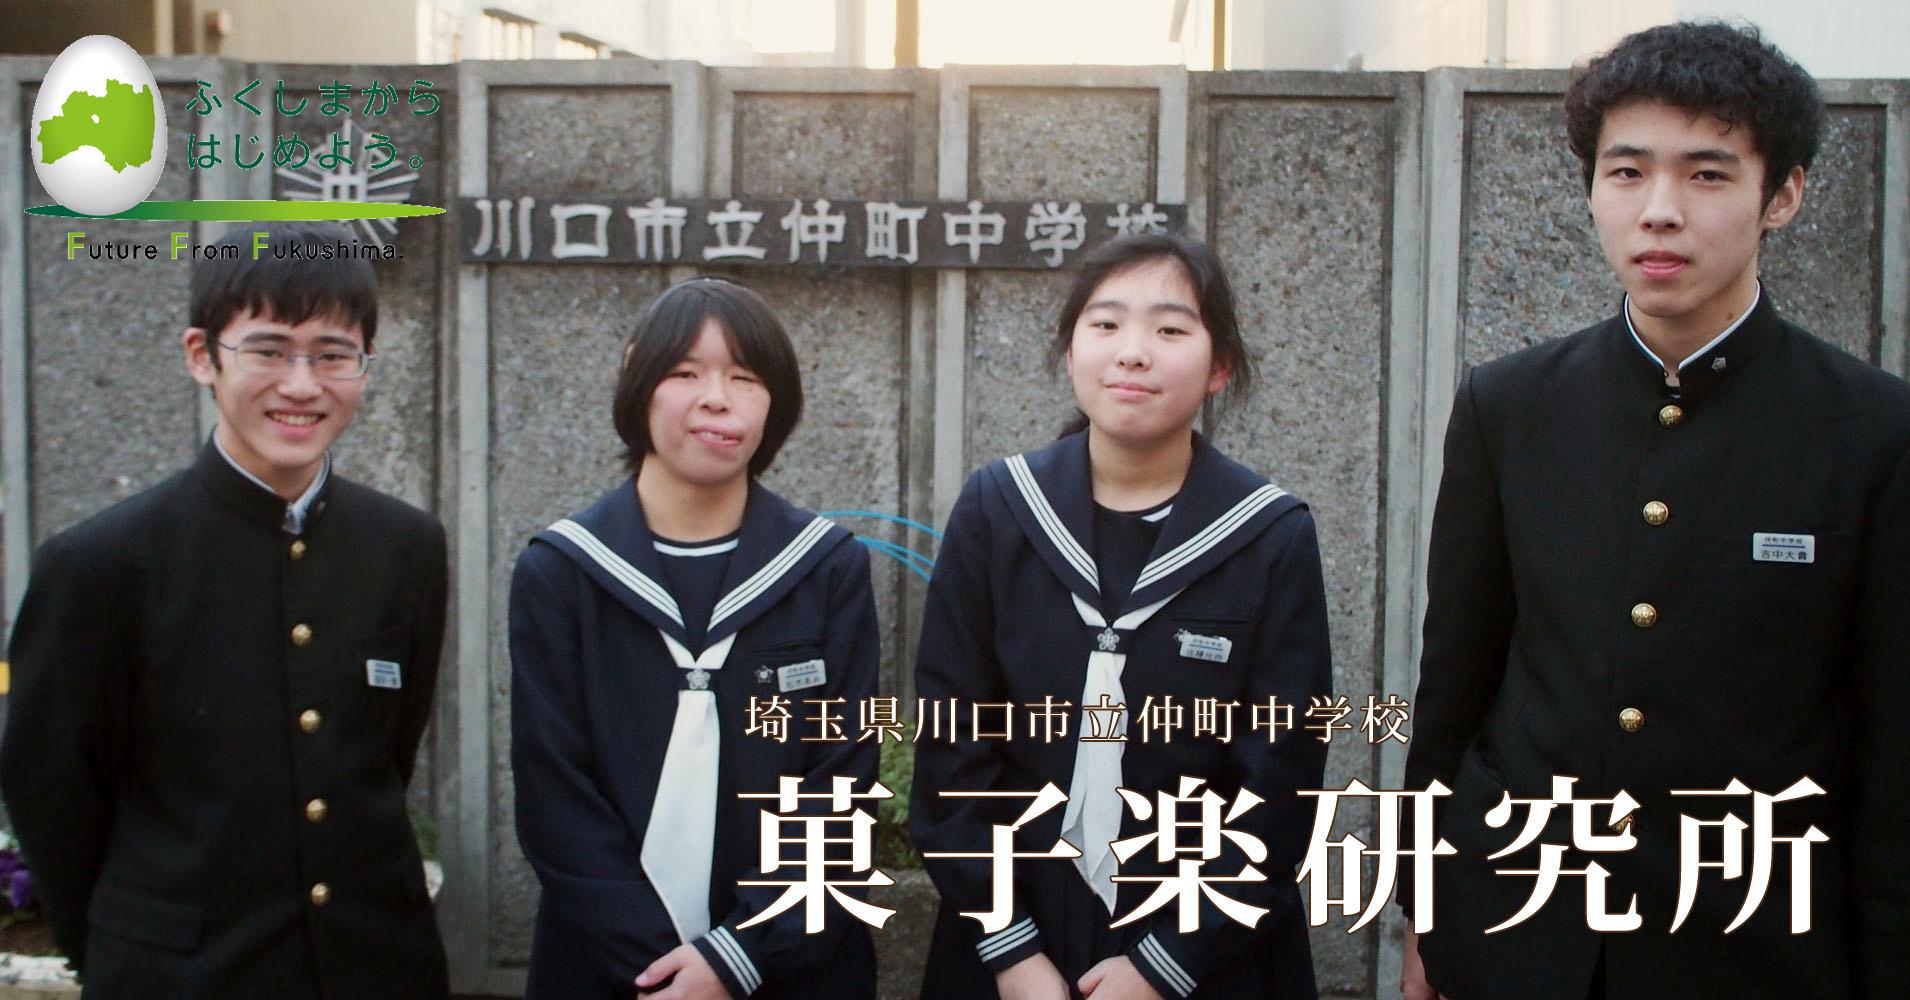 埼玉の中学生が作った!学校でたまたま見つけたデータから始まった埼玉県×福島県のコラボどら焼き